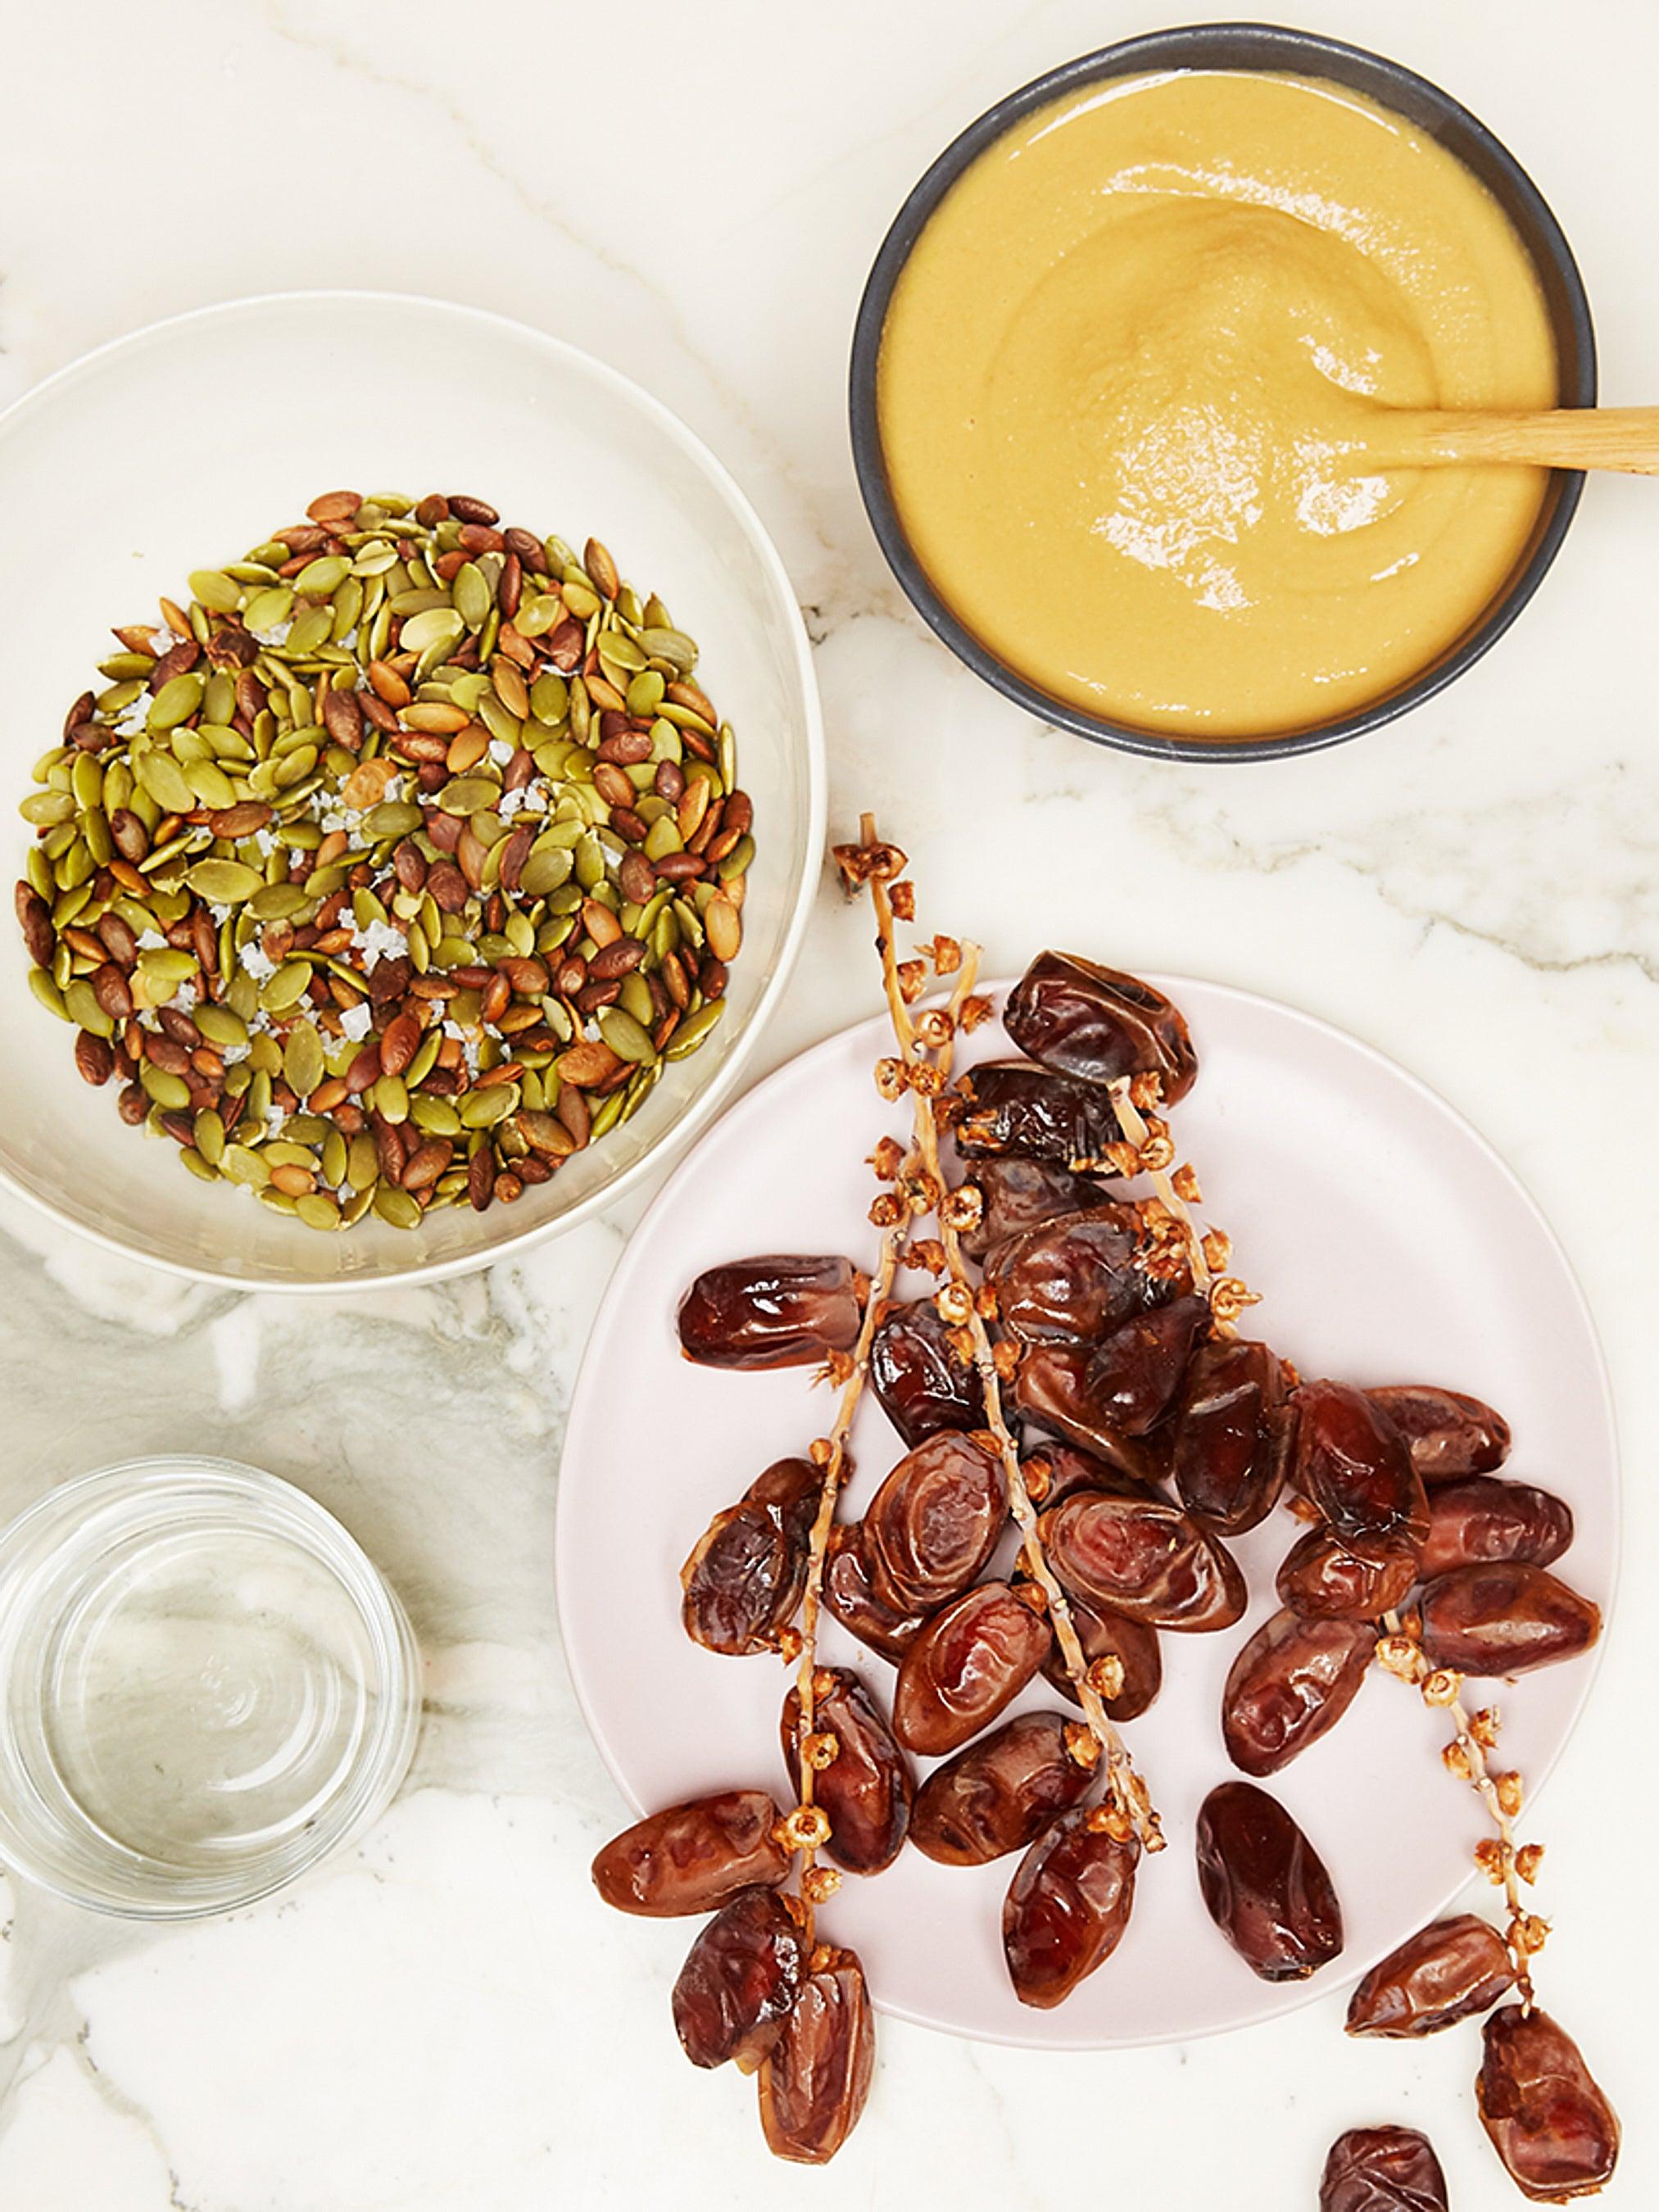 nut-based sauce